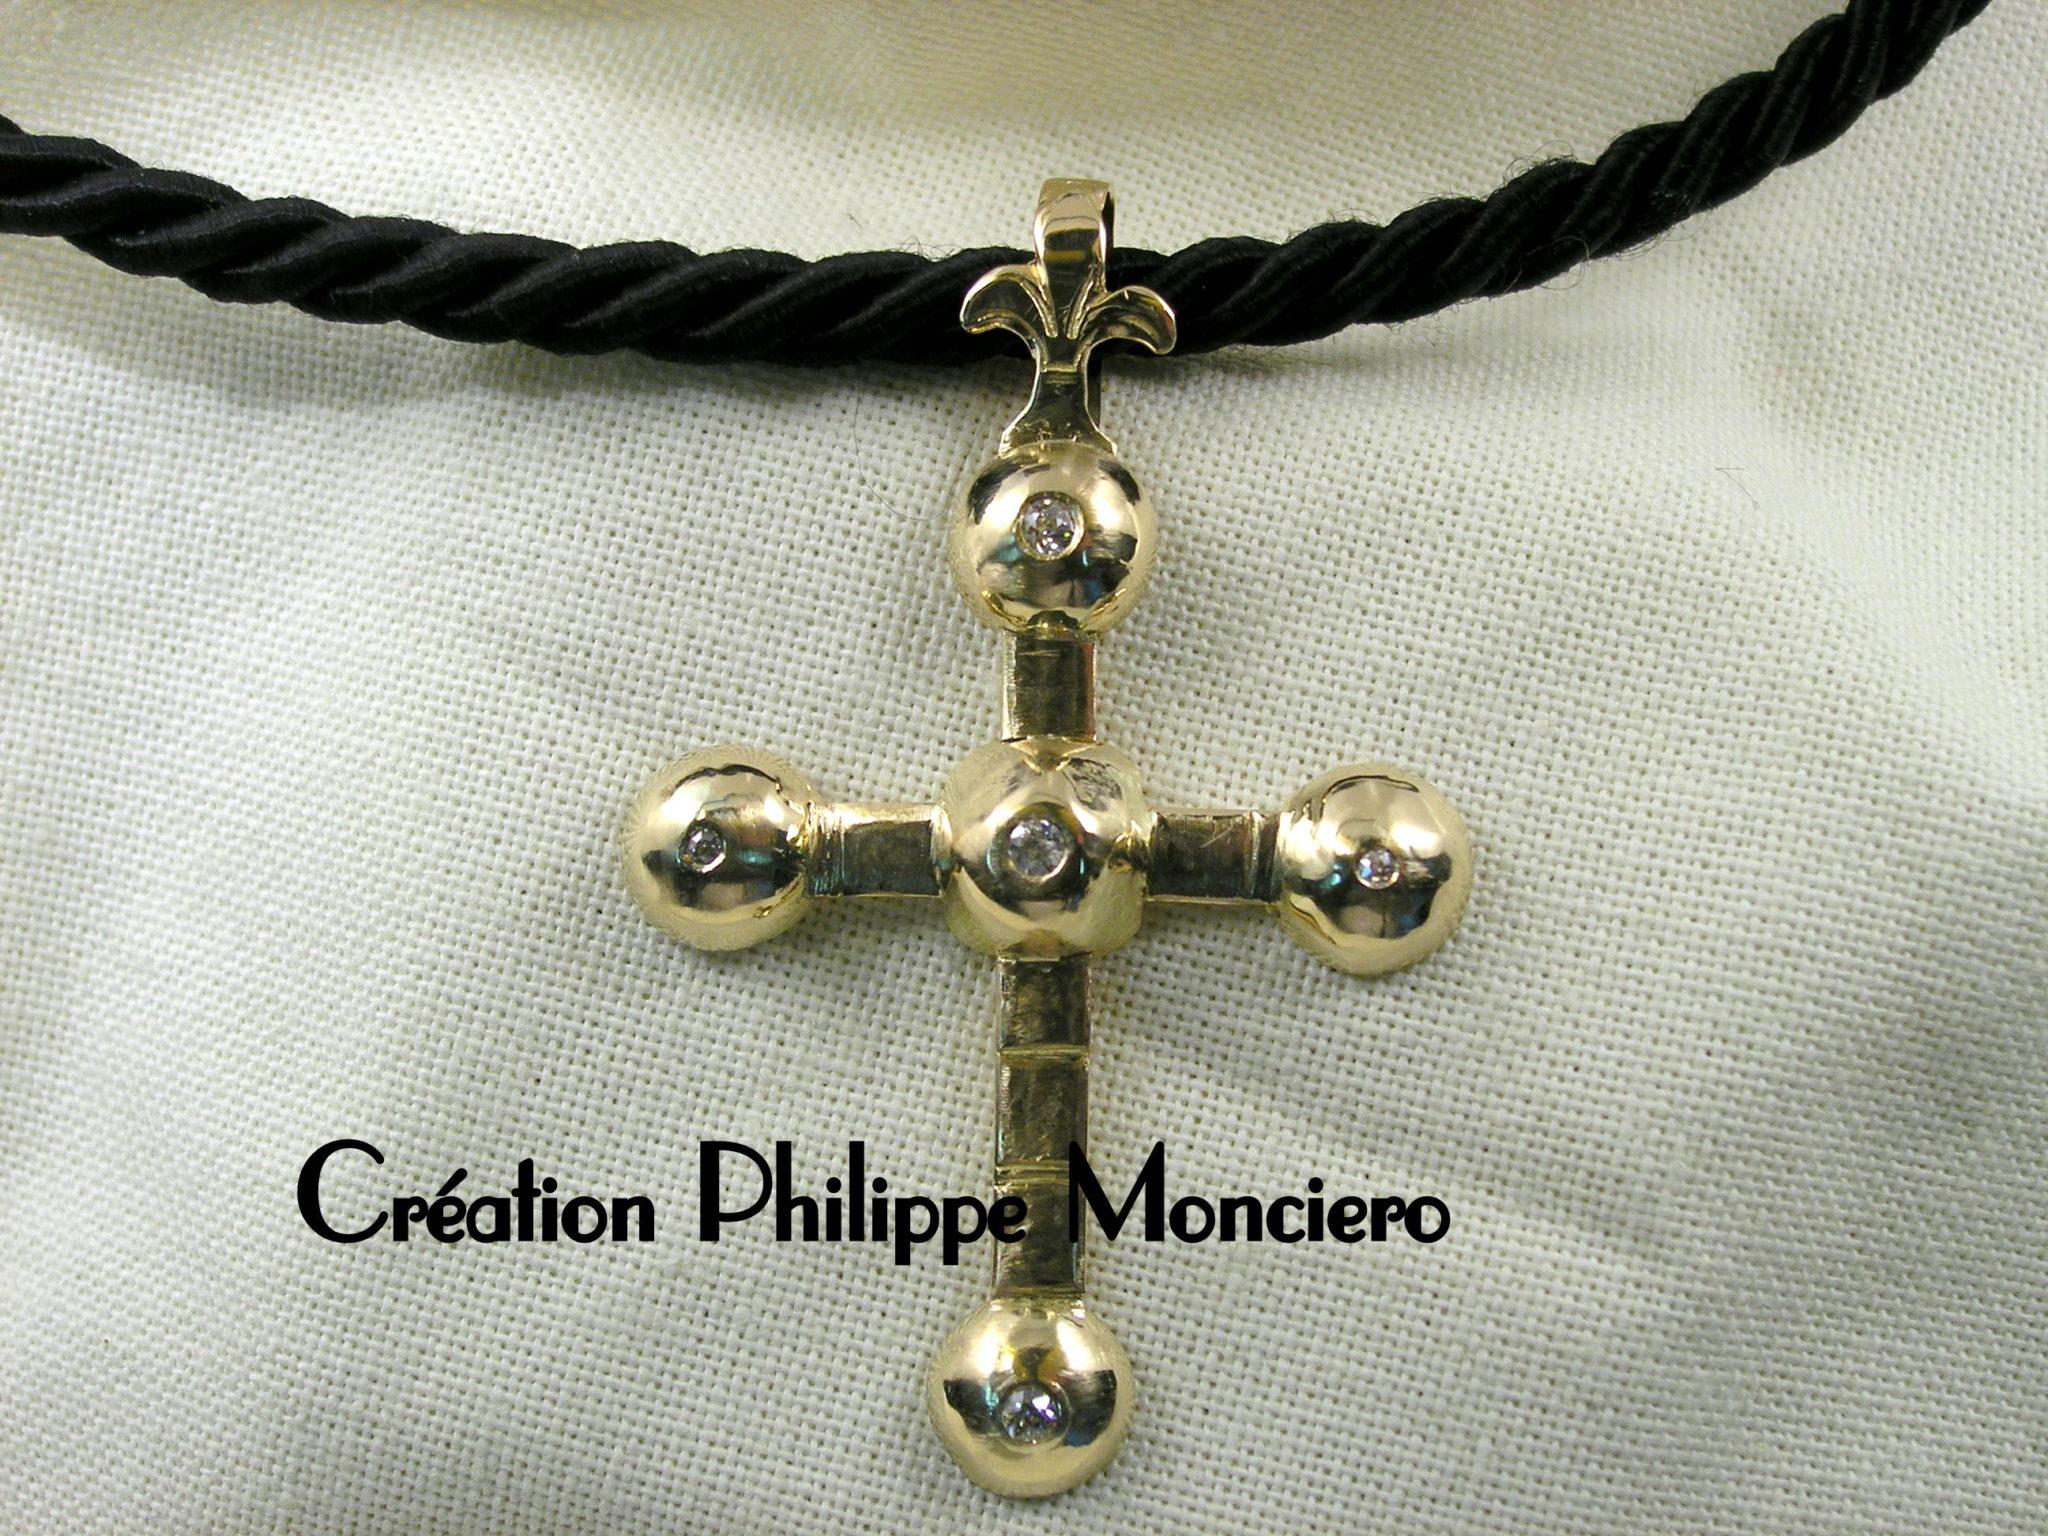 Grande croix provençale en or jaune. Monciero Nîmes